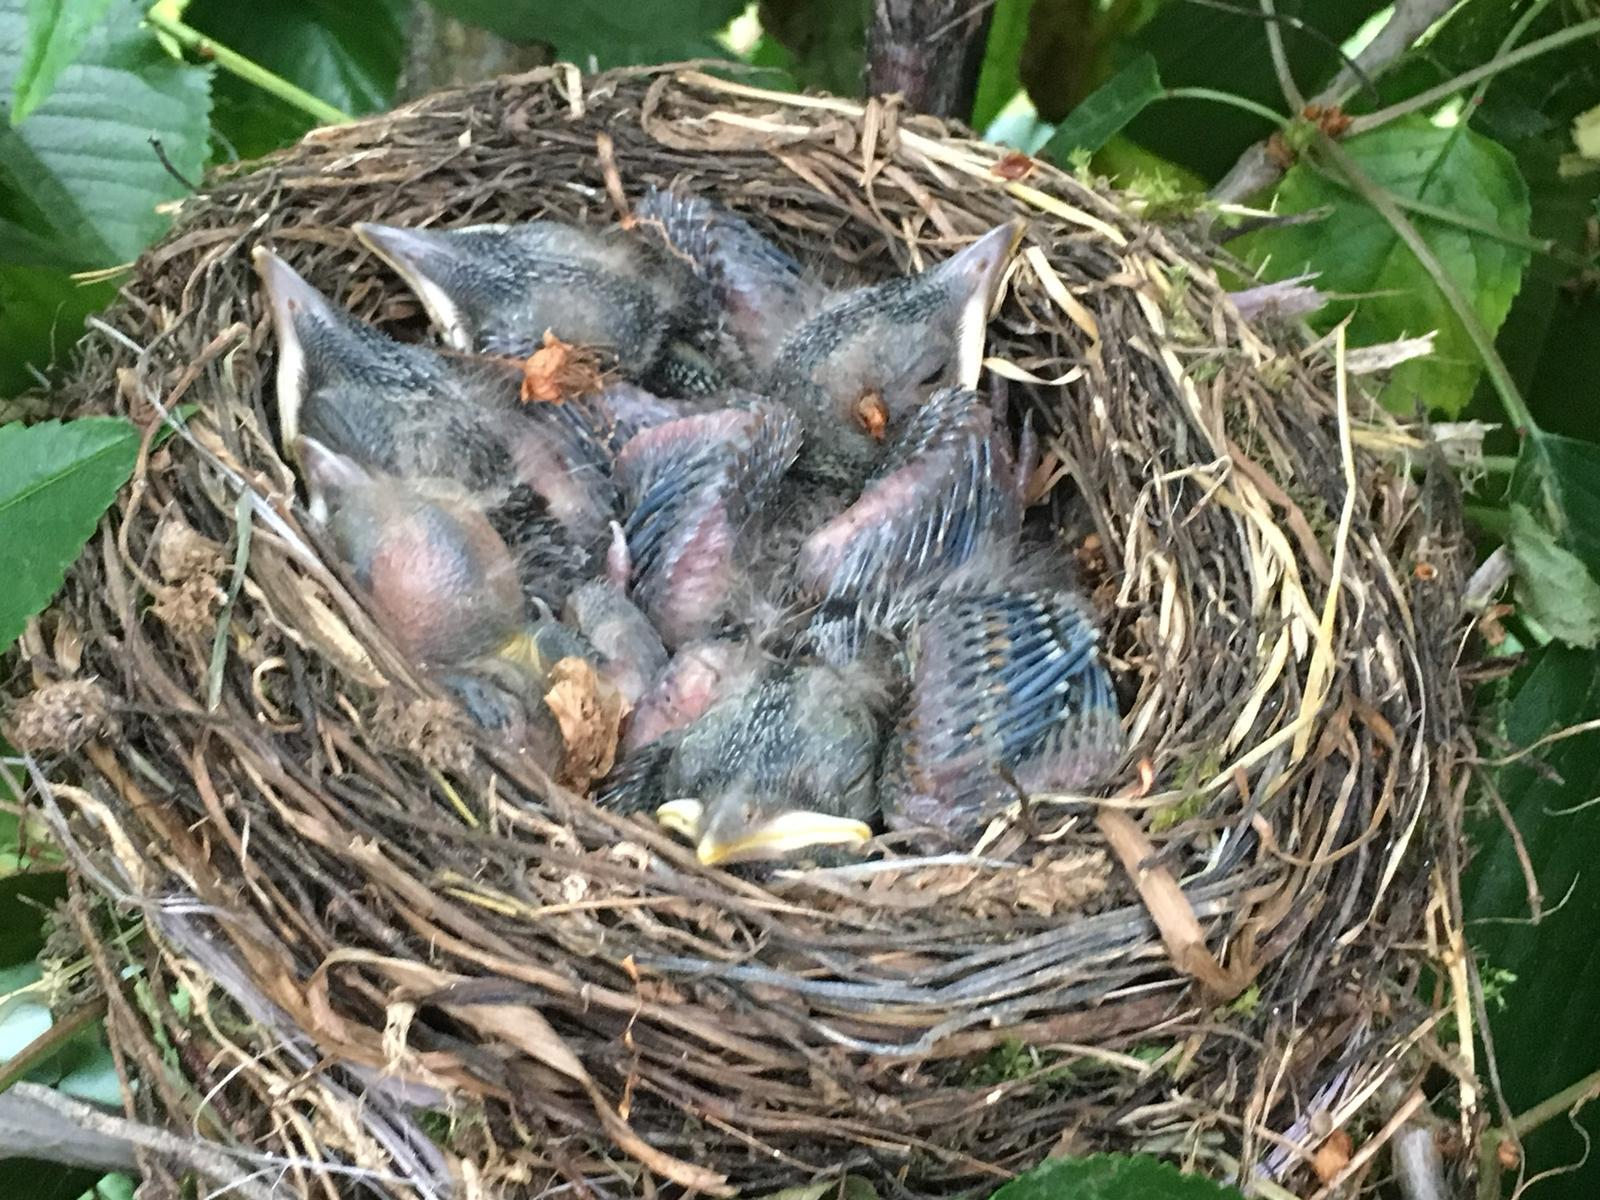 Die Natur ist schon erstaunlich, wie perfekt rund dieses Vogelnest ist. Die Vogelmutter hat das alles nur mit ihrem Schnabel gebaut.